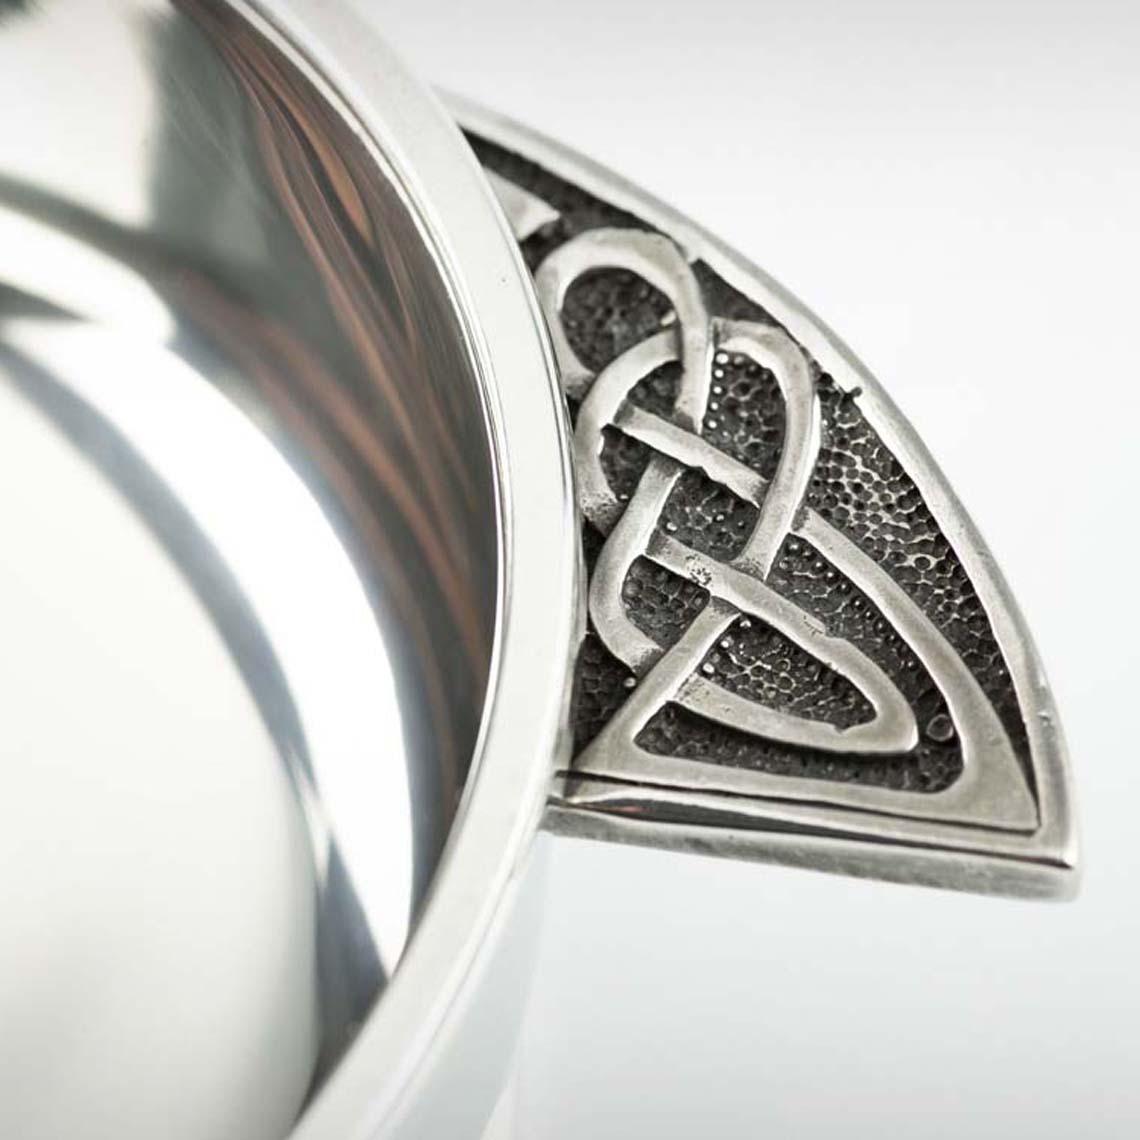 Celtic Knot Angle Quaich